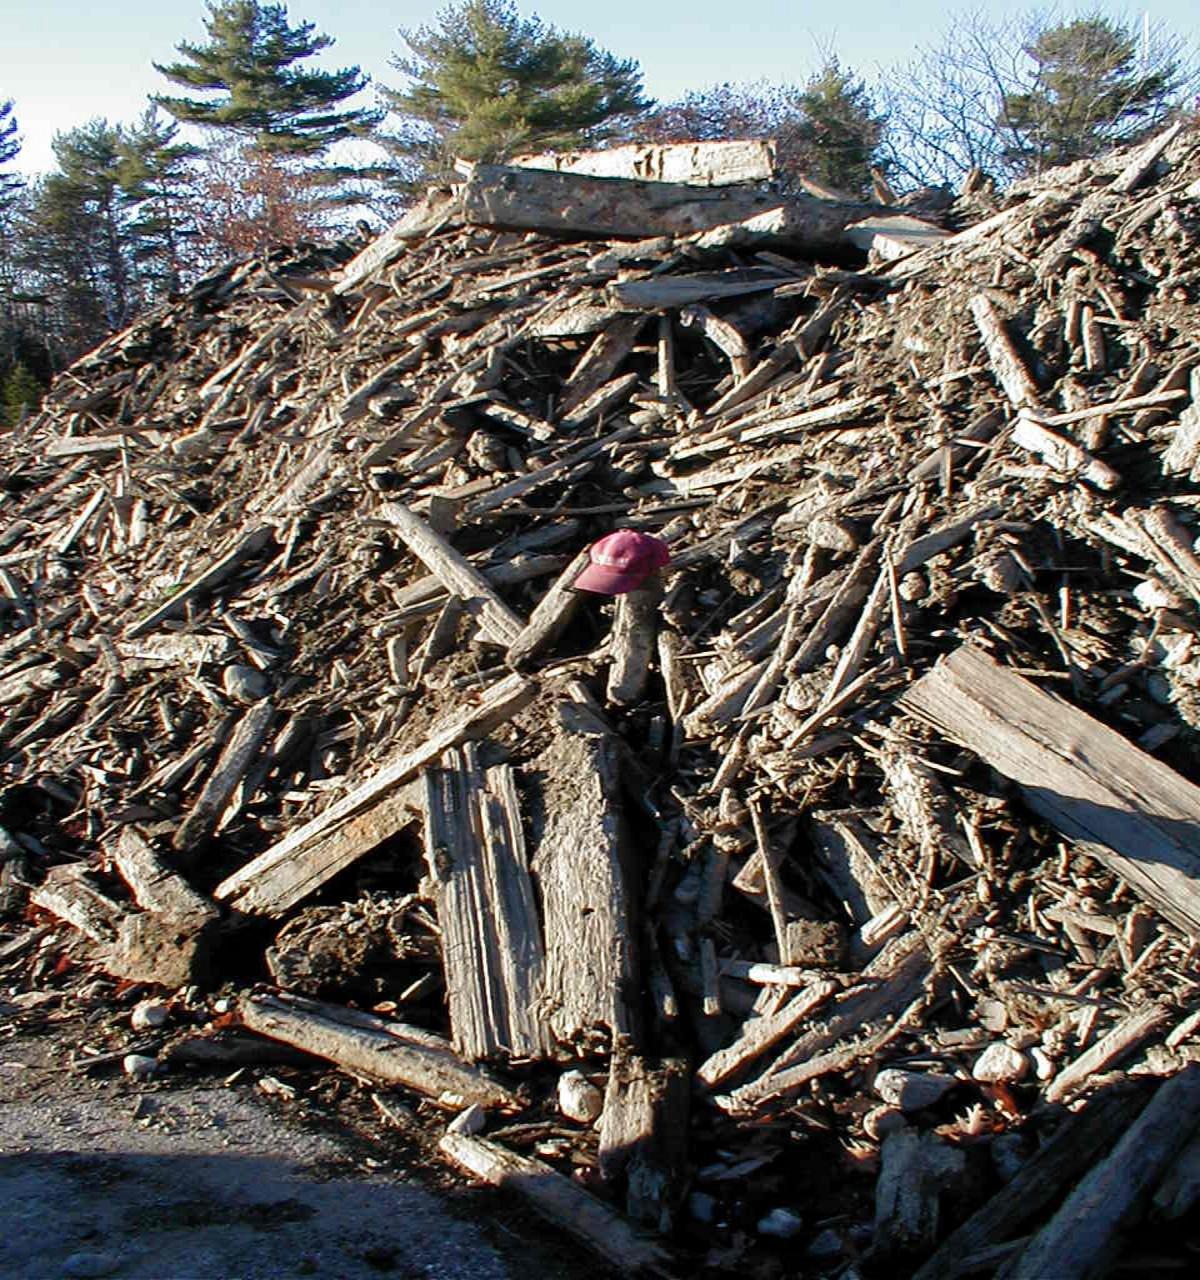 Schooners debris pile.jpg (1200×1280)